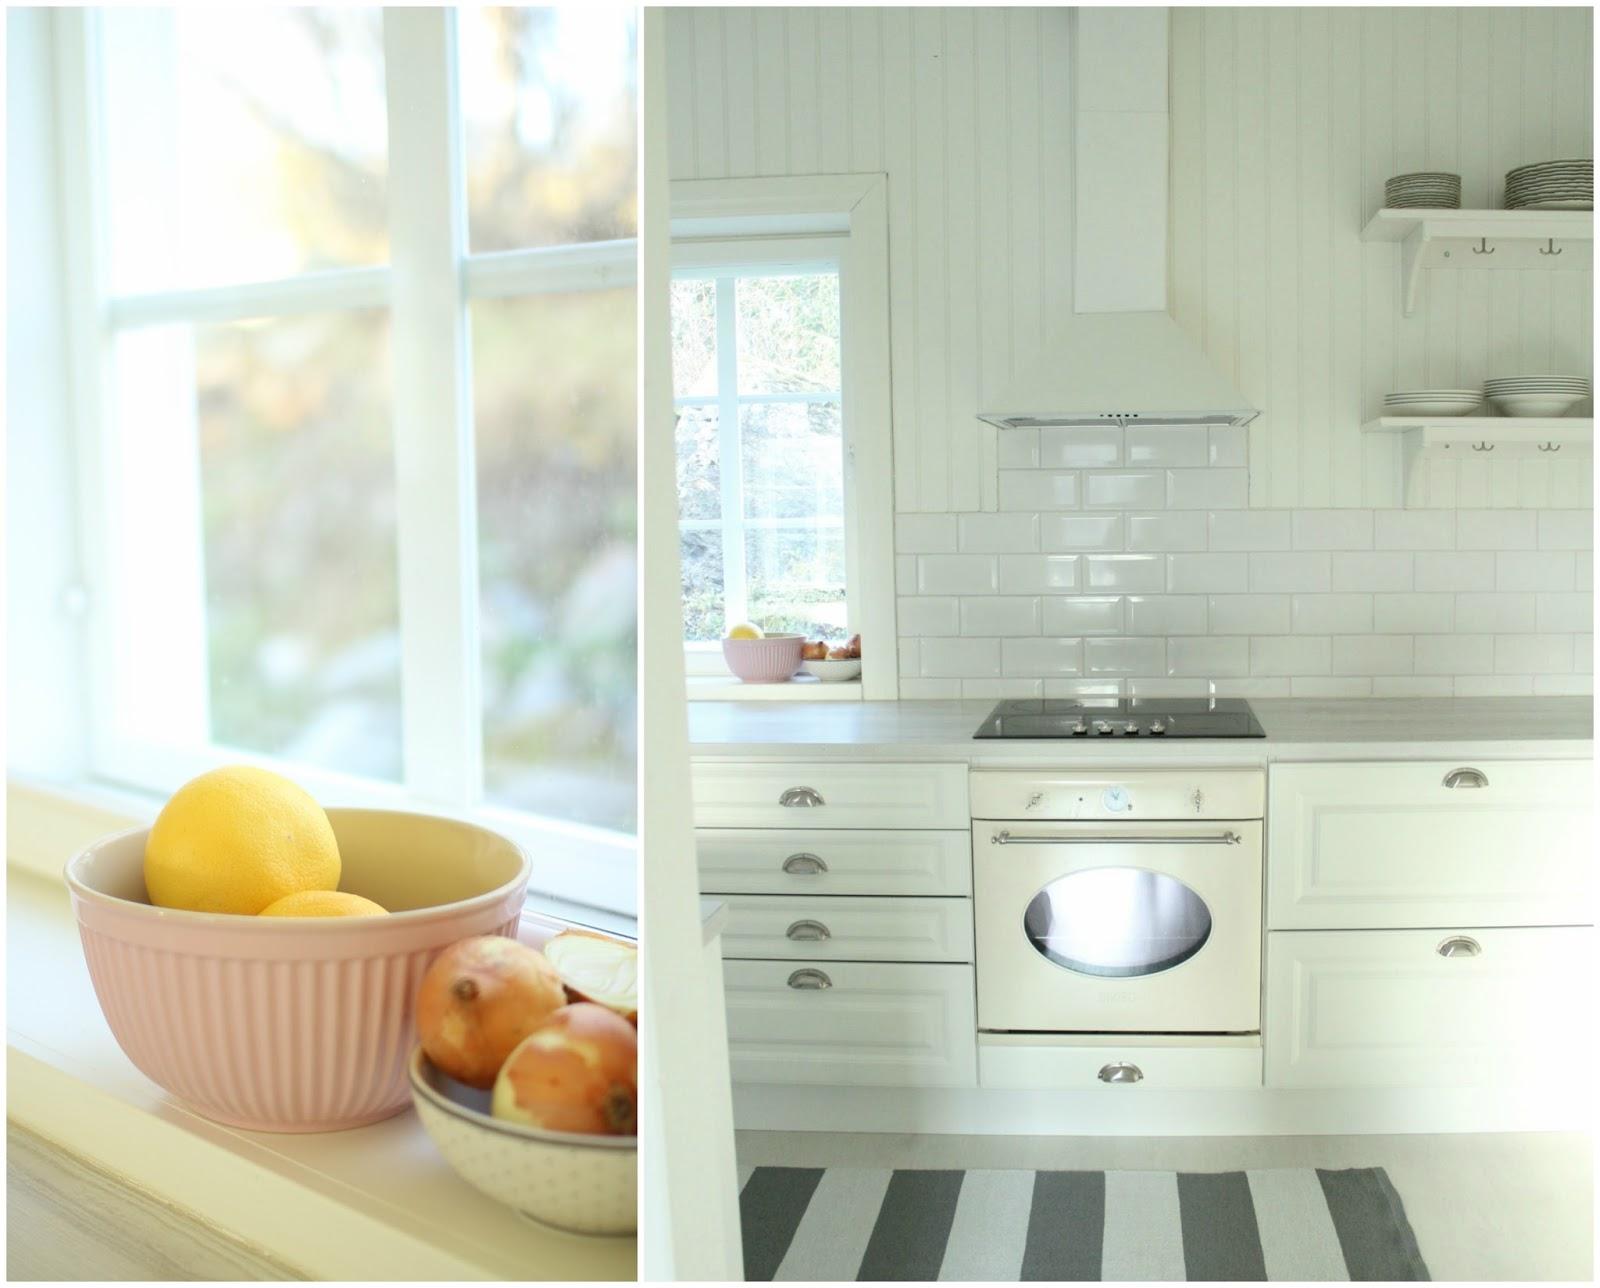 Dolce vita   det ljuva livet: hemmets hjärta, vårt kök!